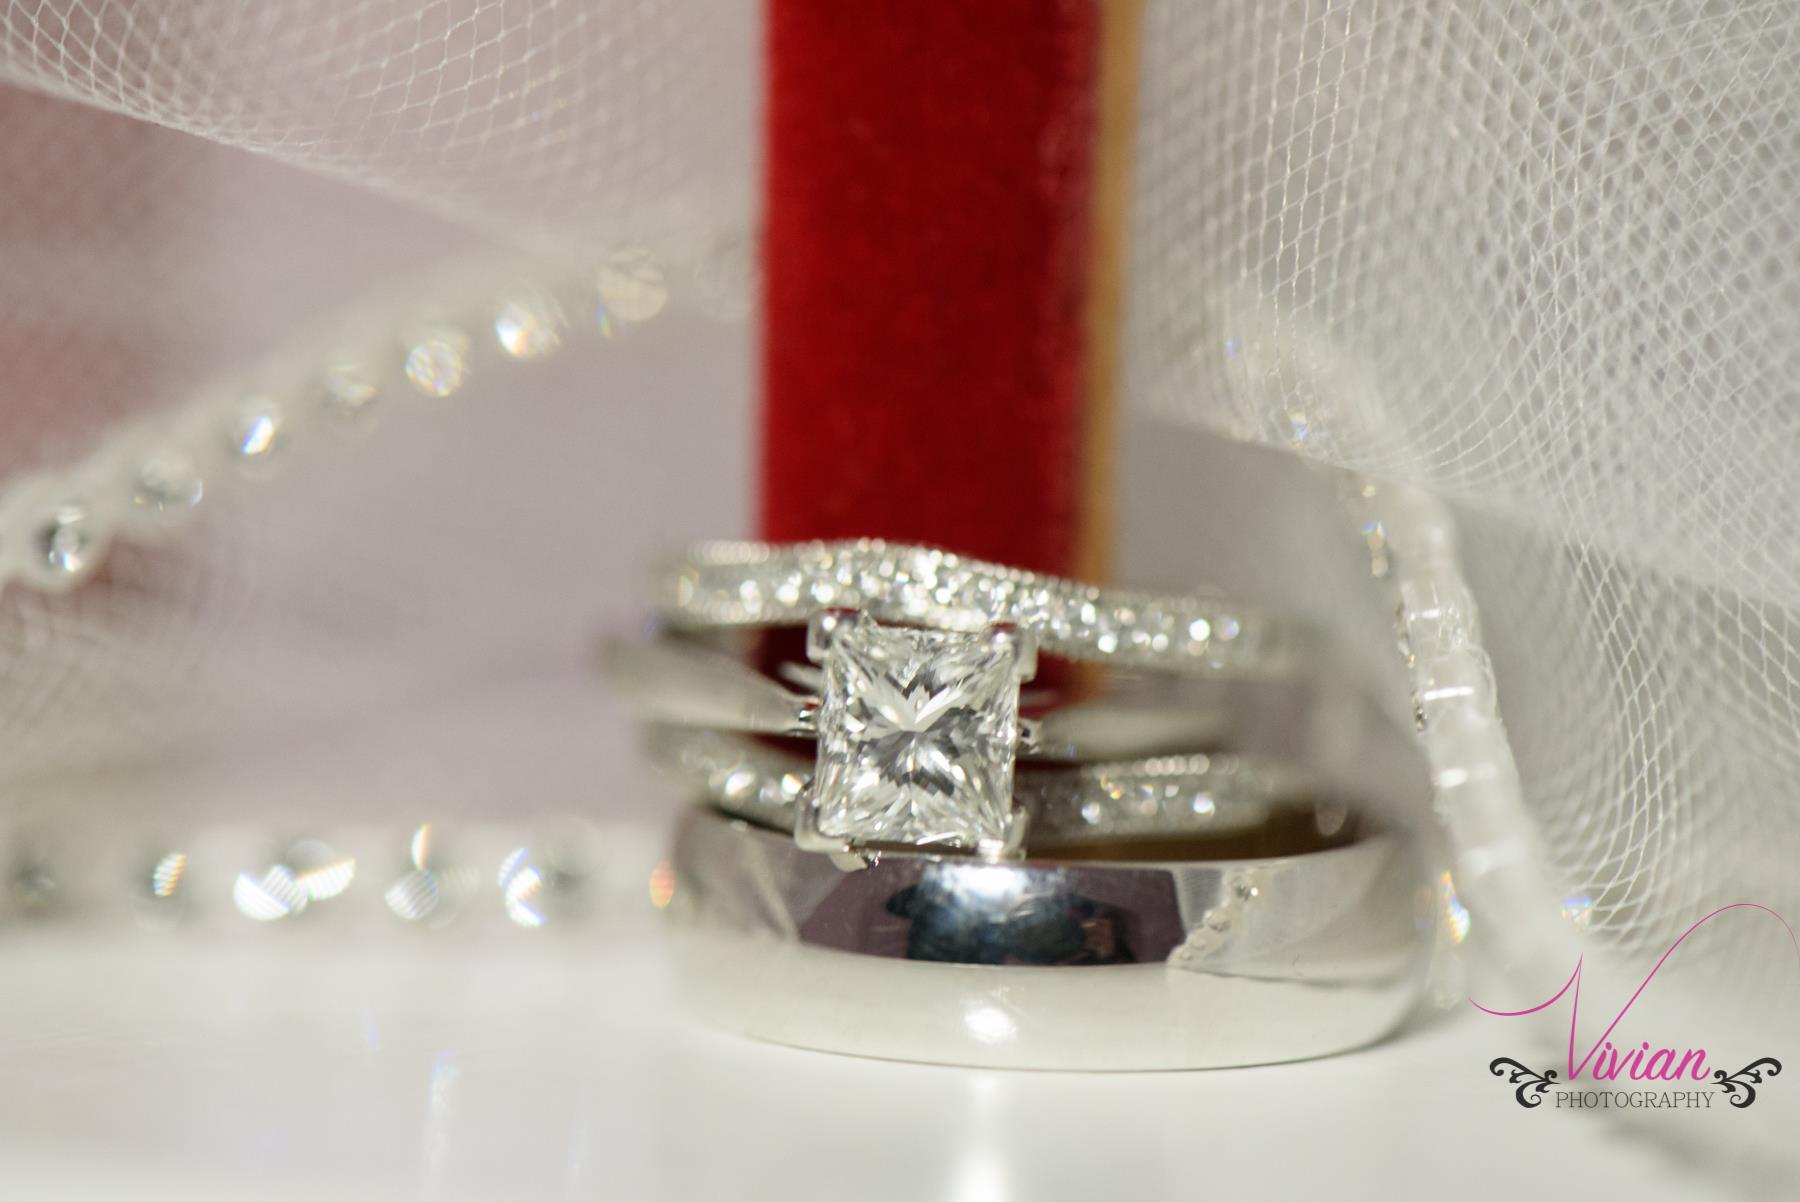 wedding-ring-on-spike-of-red-heel.jpg